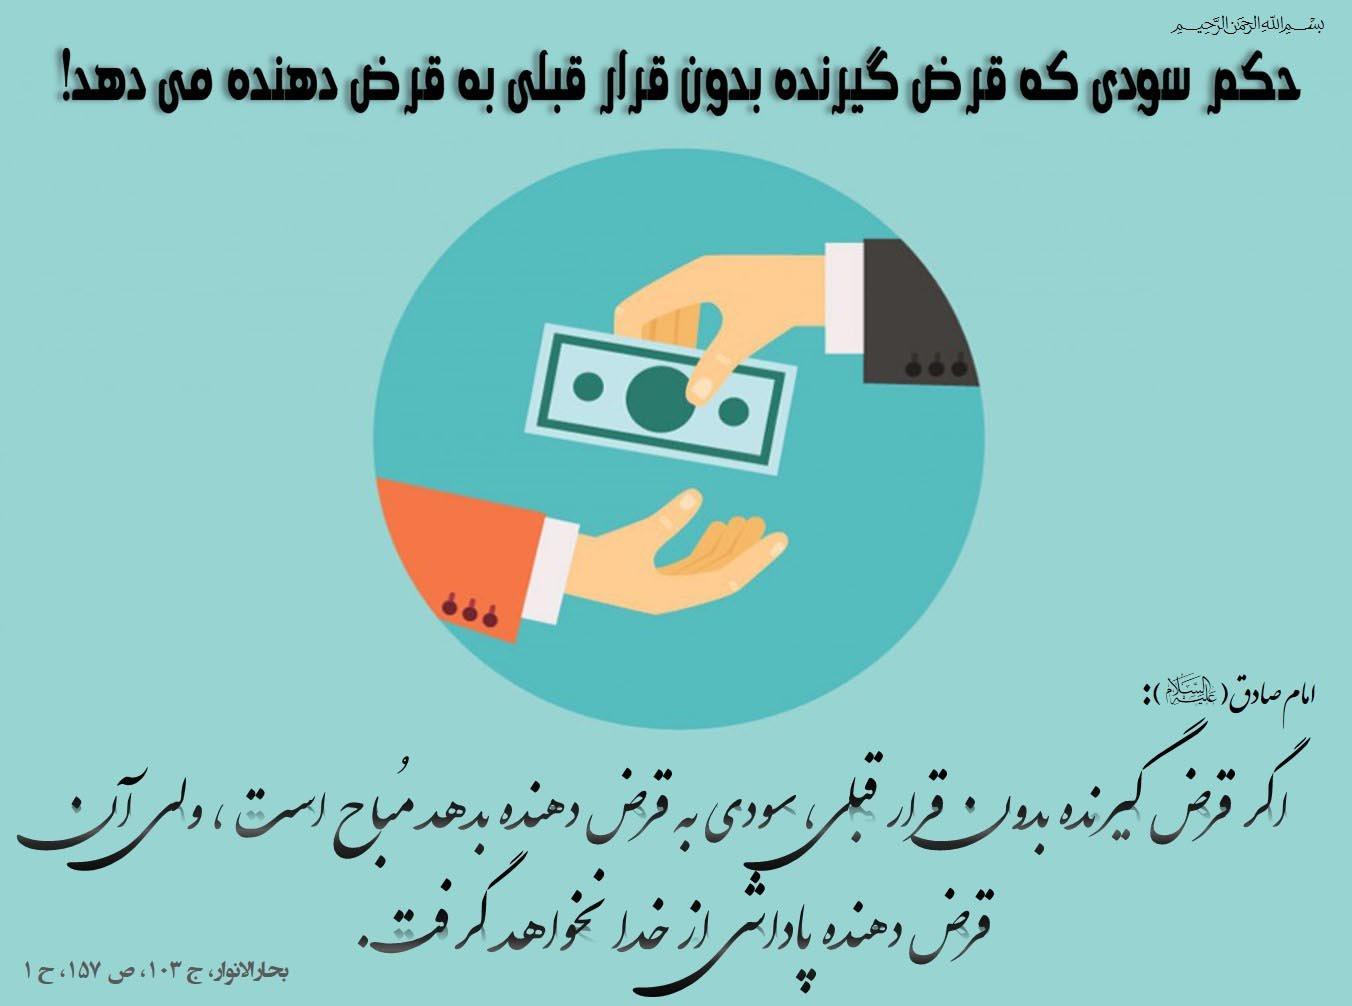 حکم سودی که قرض گیرنده بدون قرار و شرط قبلی به قرض دهنده می دهد!